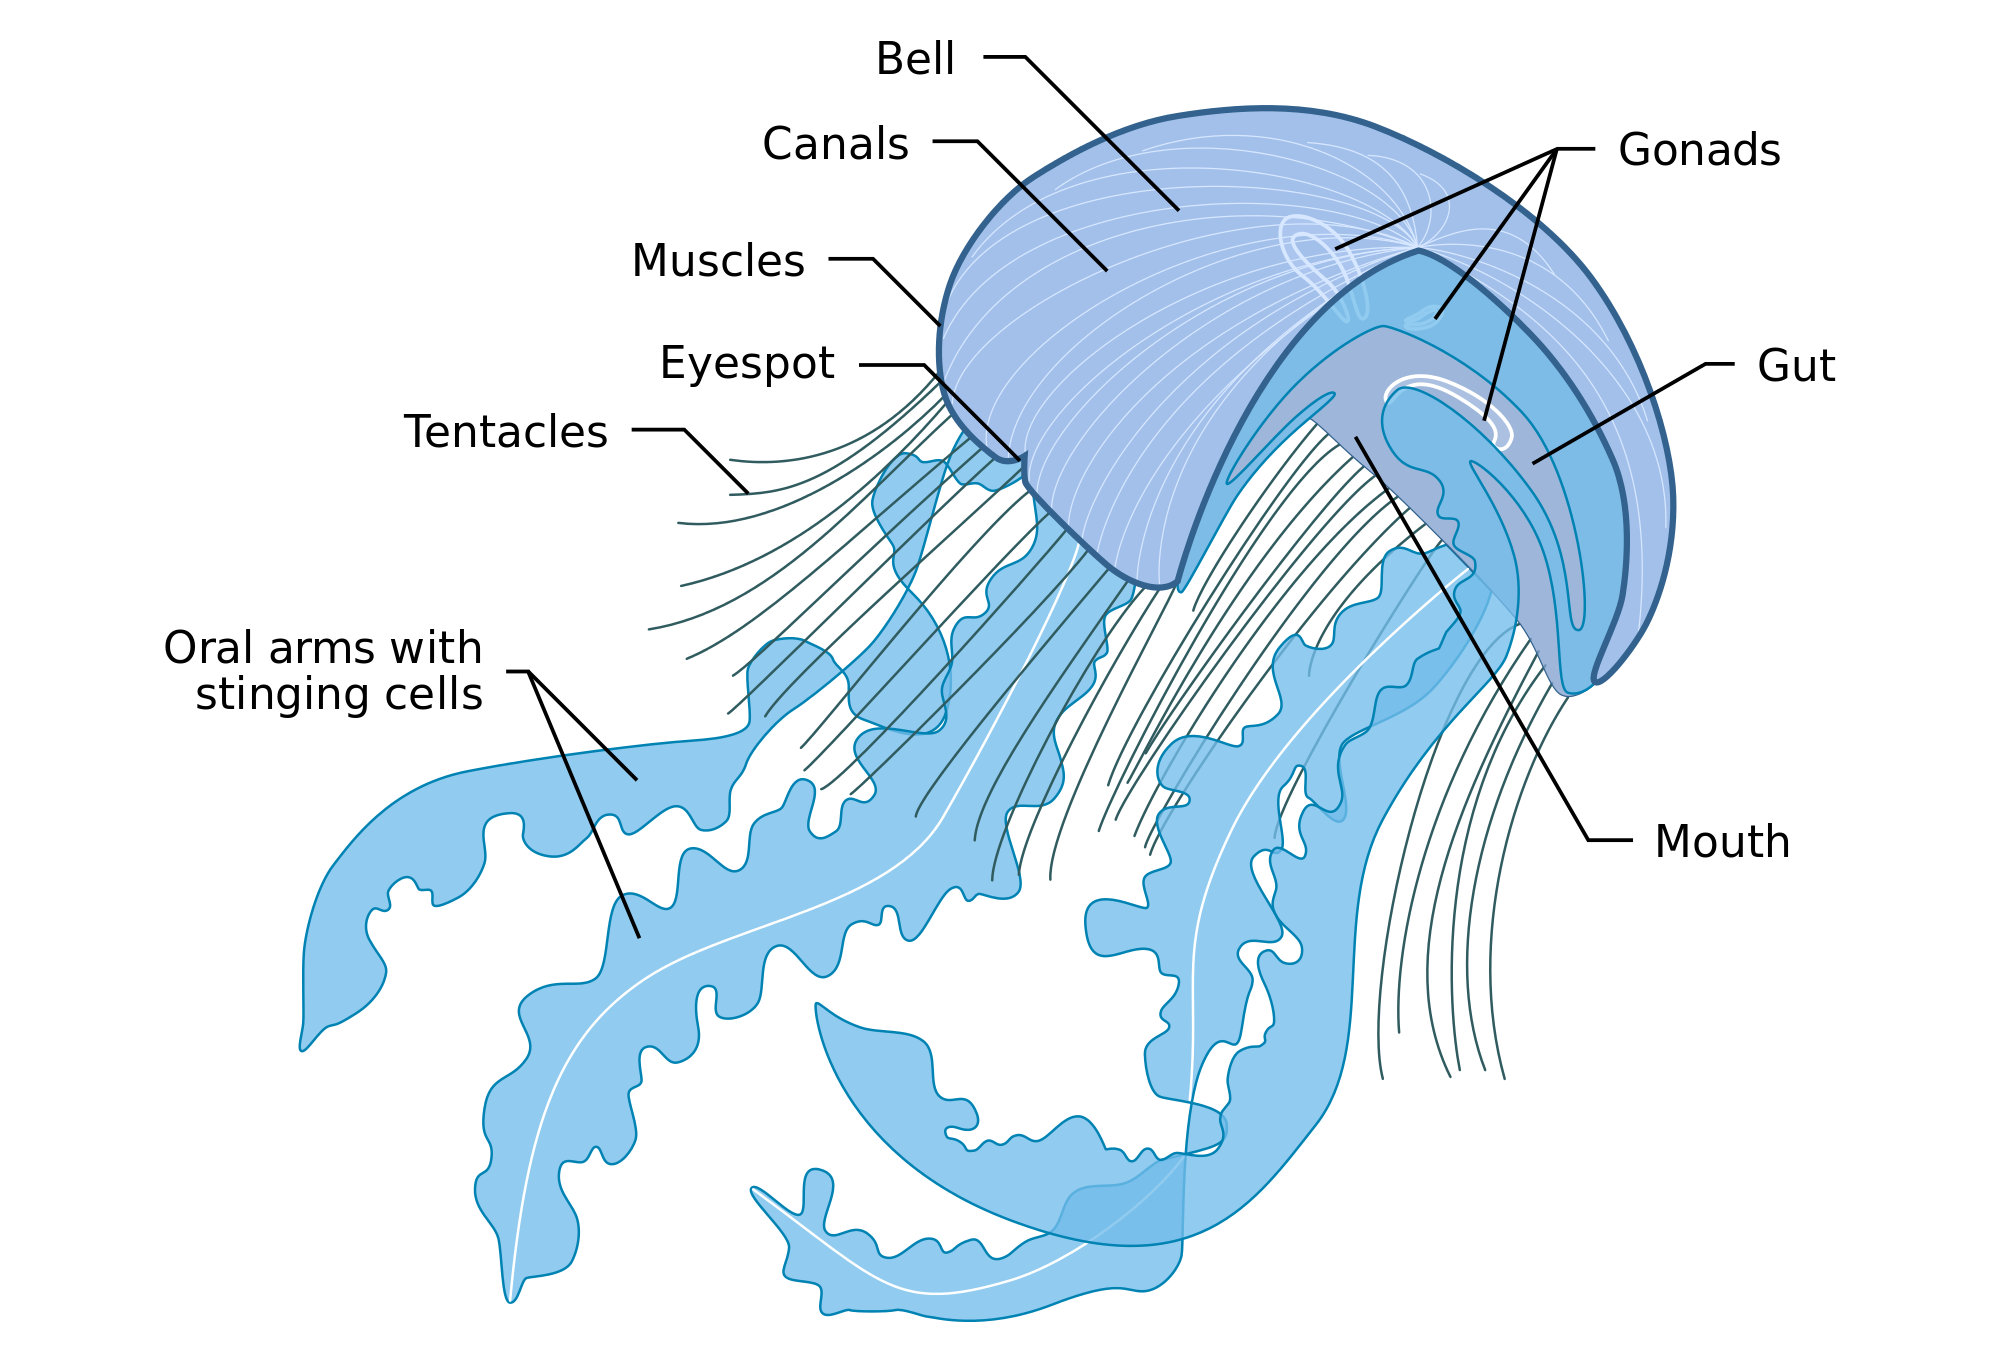 Jellyfish Anatomy